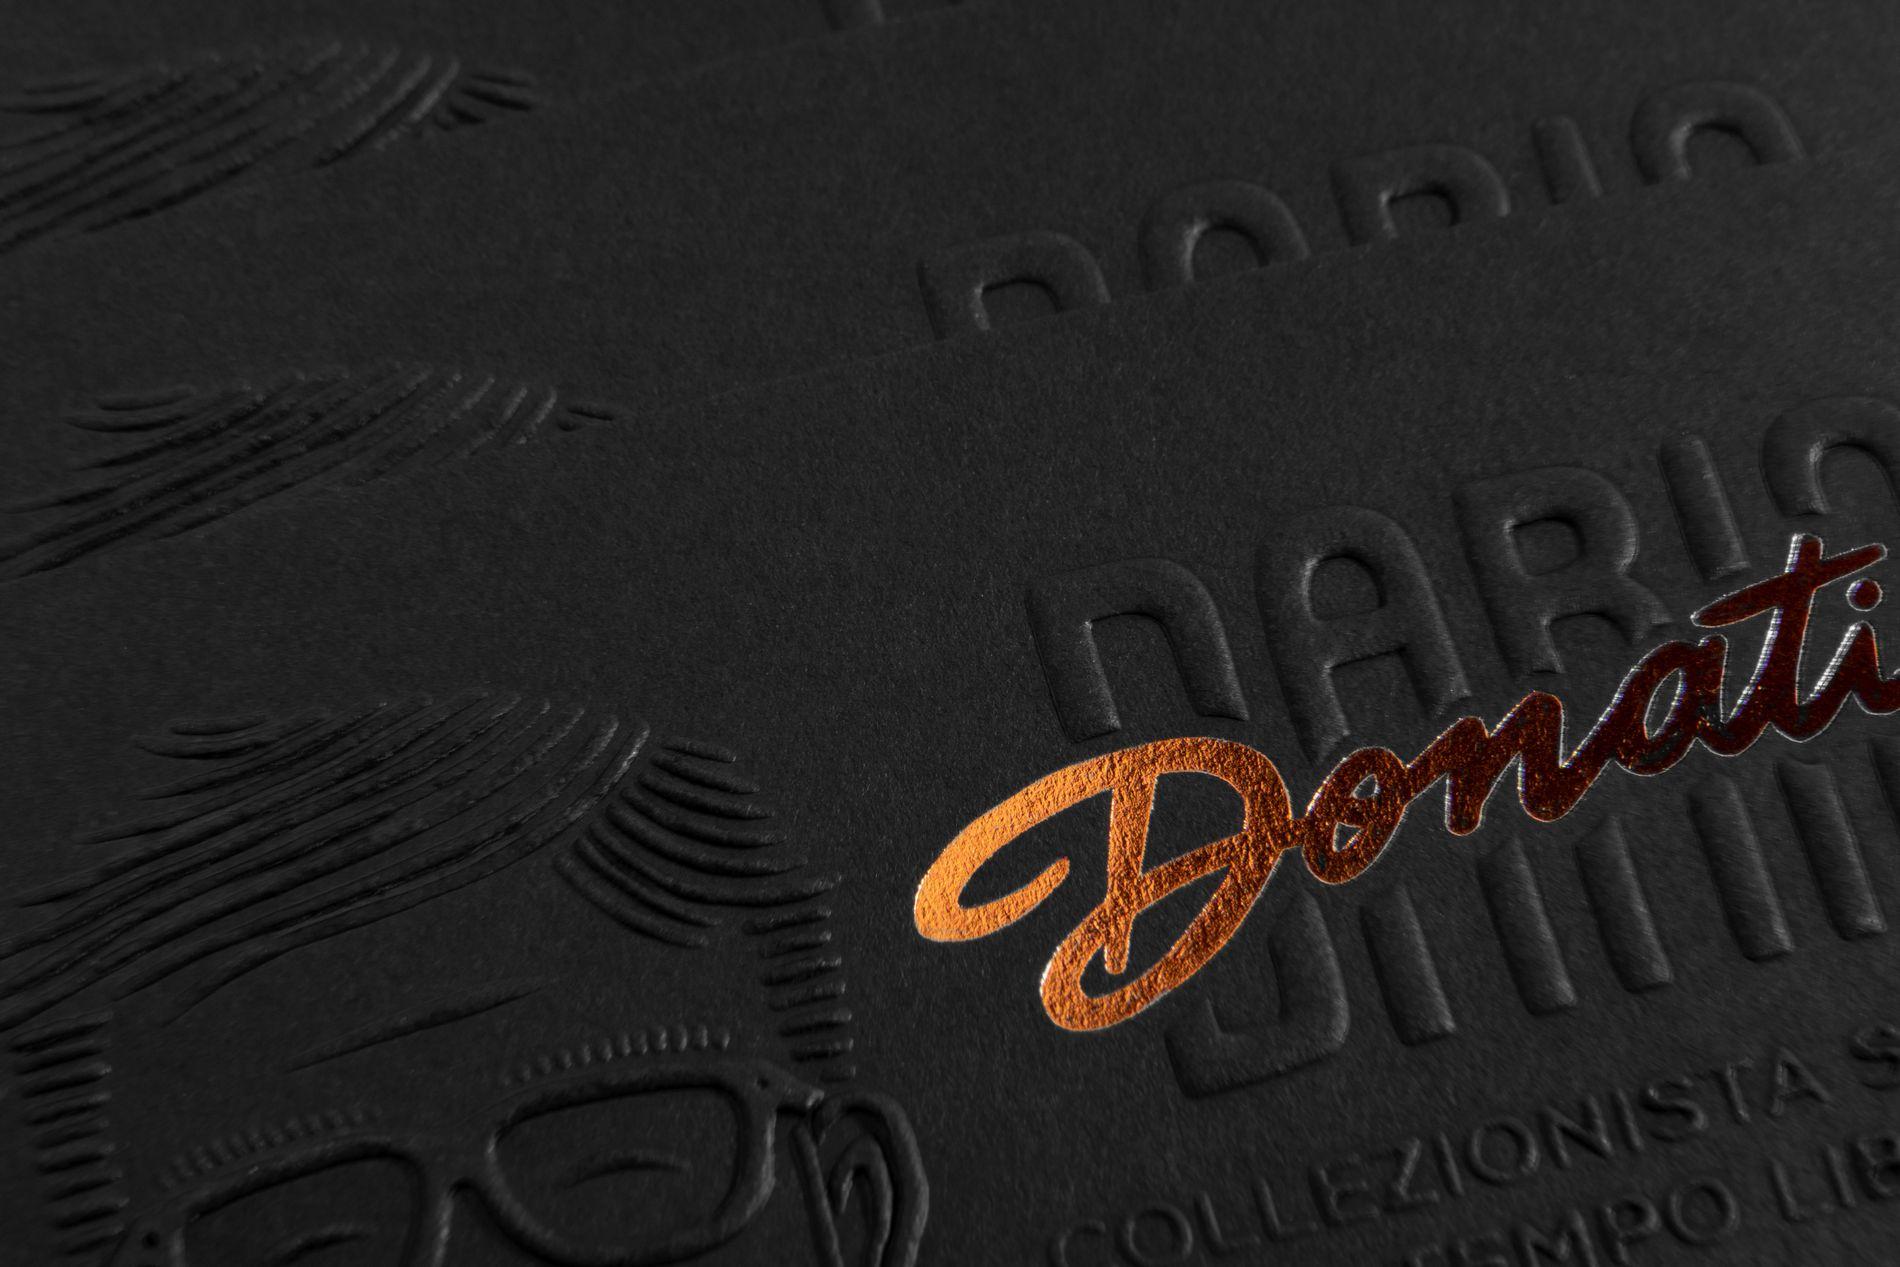 Nostroinchiostro – Dario Donati – 2